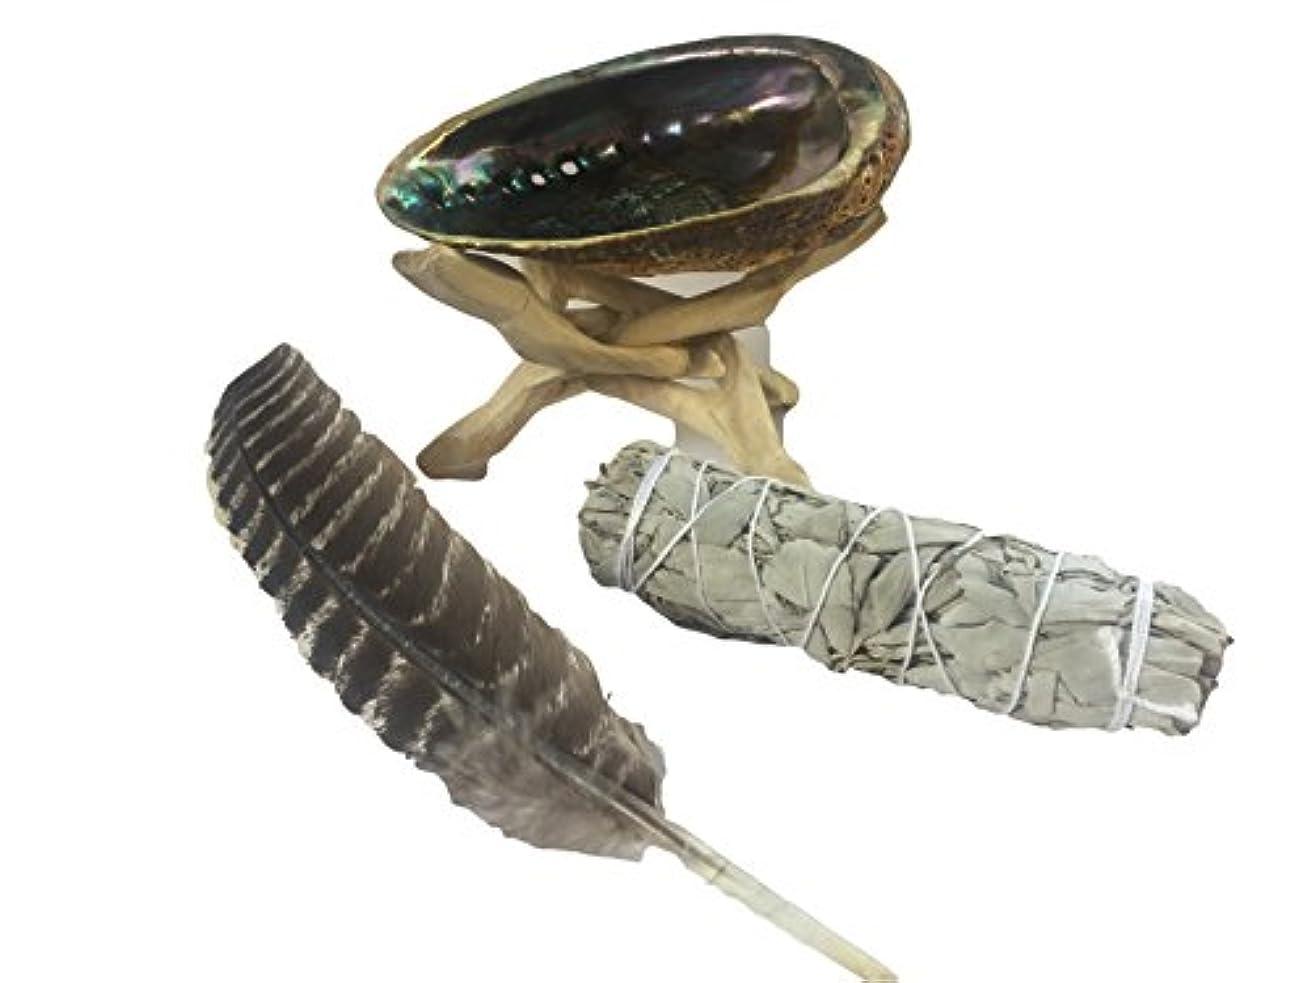 バウンドナラーバー有毒なSmudgingキットwith Abaloneシェル、木製三脚、ホワイトセージSmudge Stick &フェザー